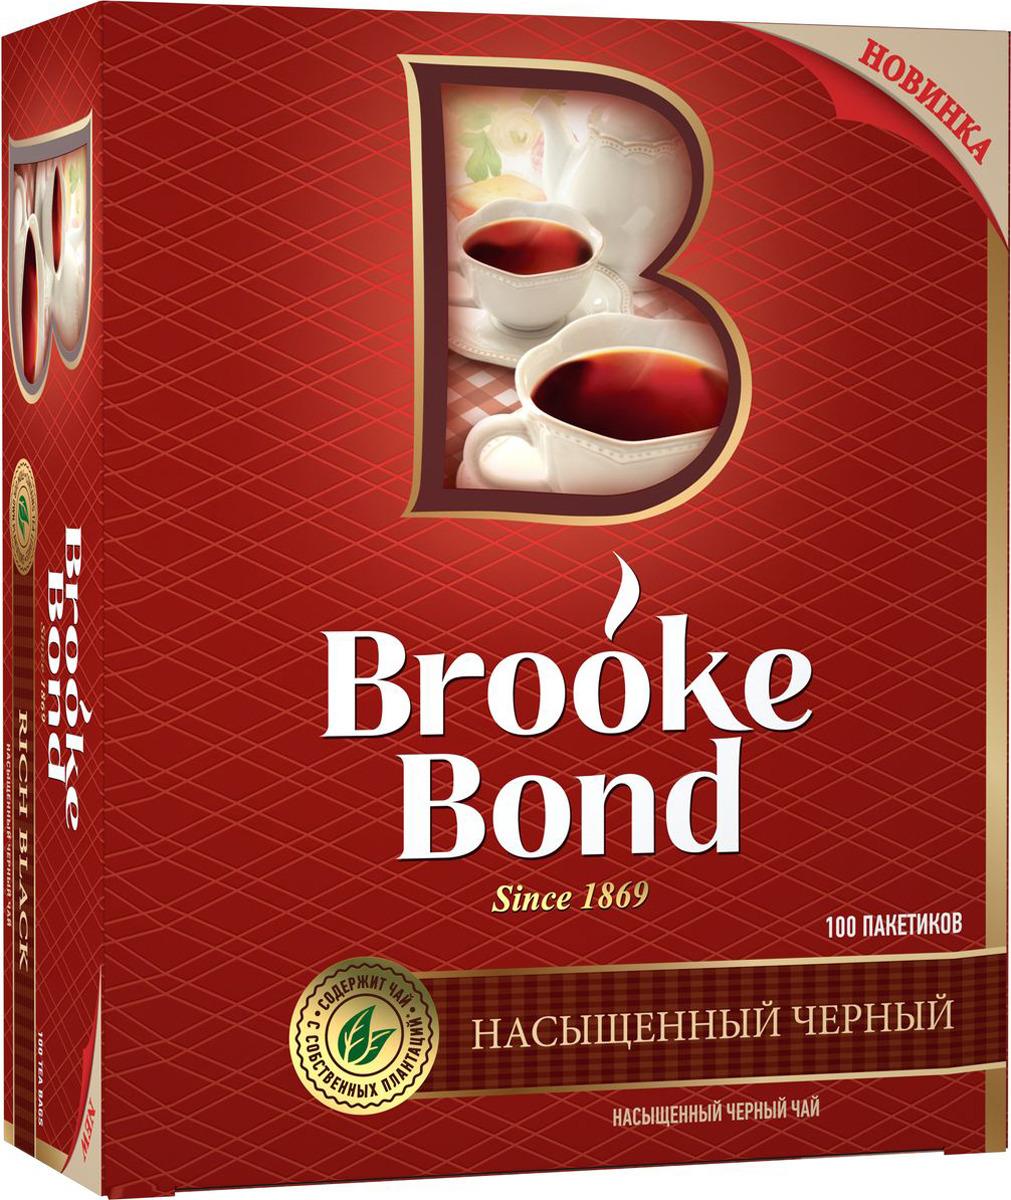 Brooke Bond Насыщенный черный чай в пакетиках, 100 шт недорго, оригинальная цена